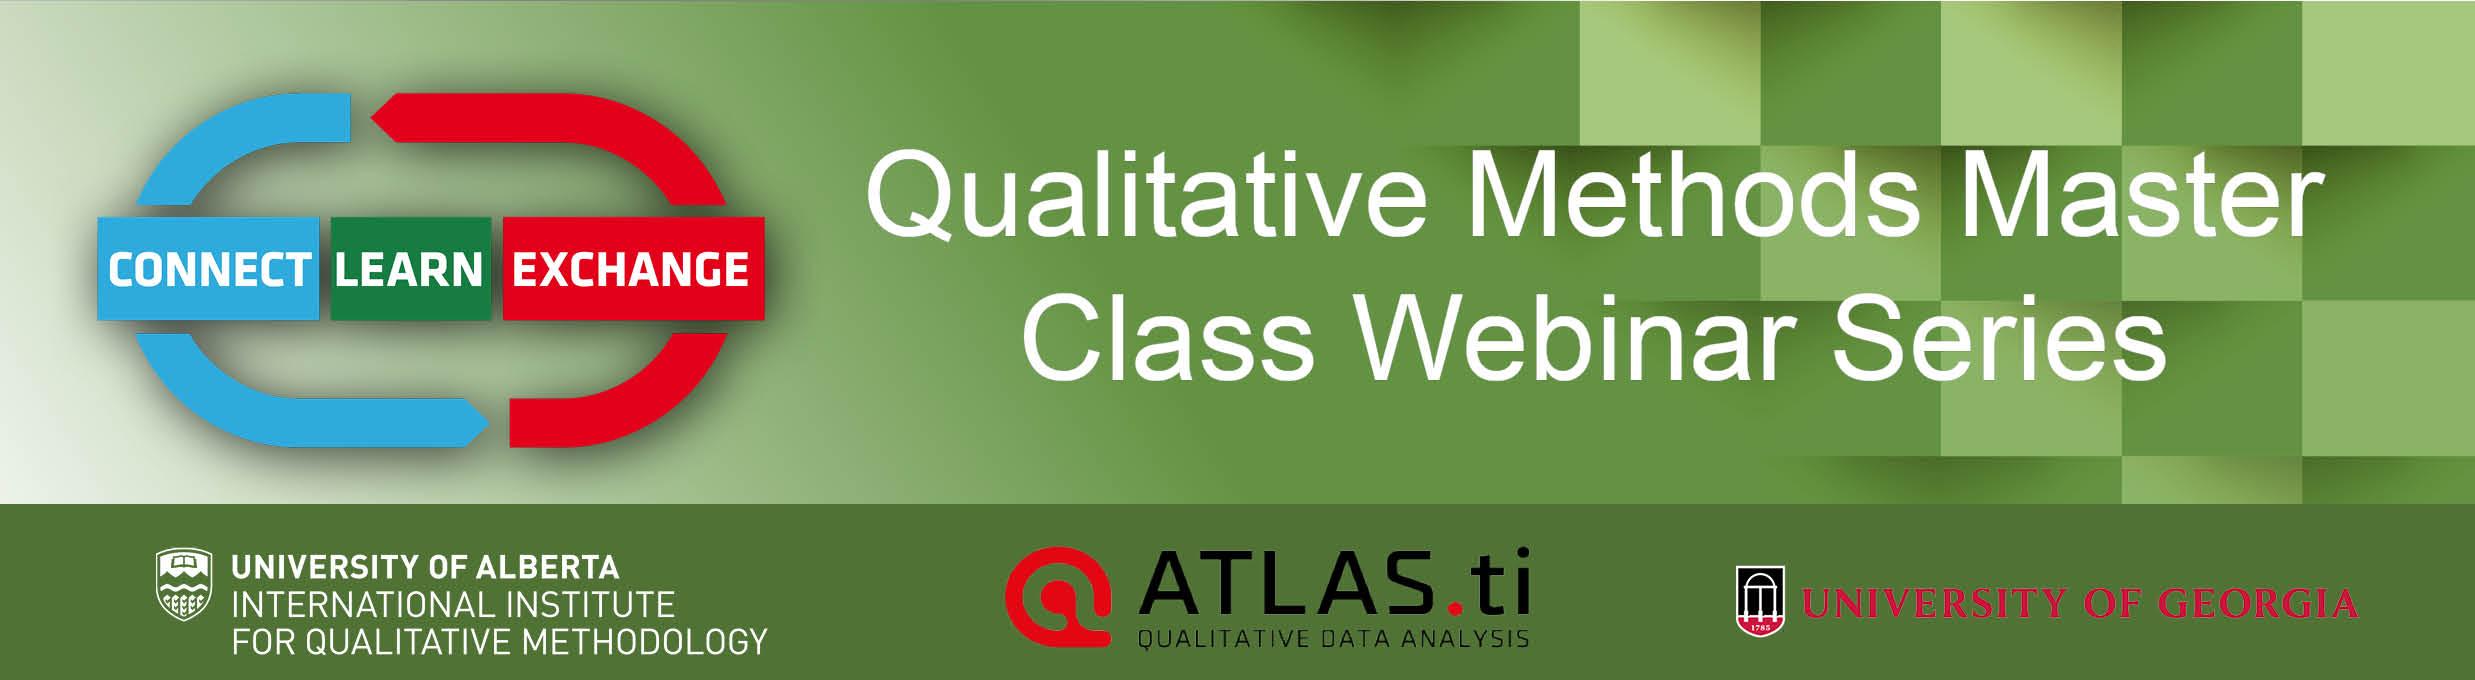 Master Class Webinar Series header